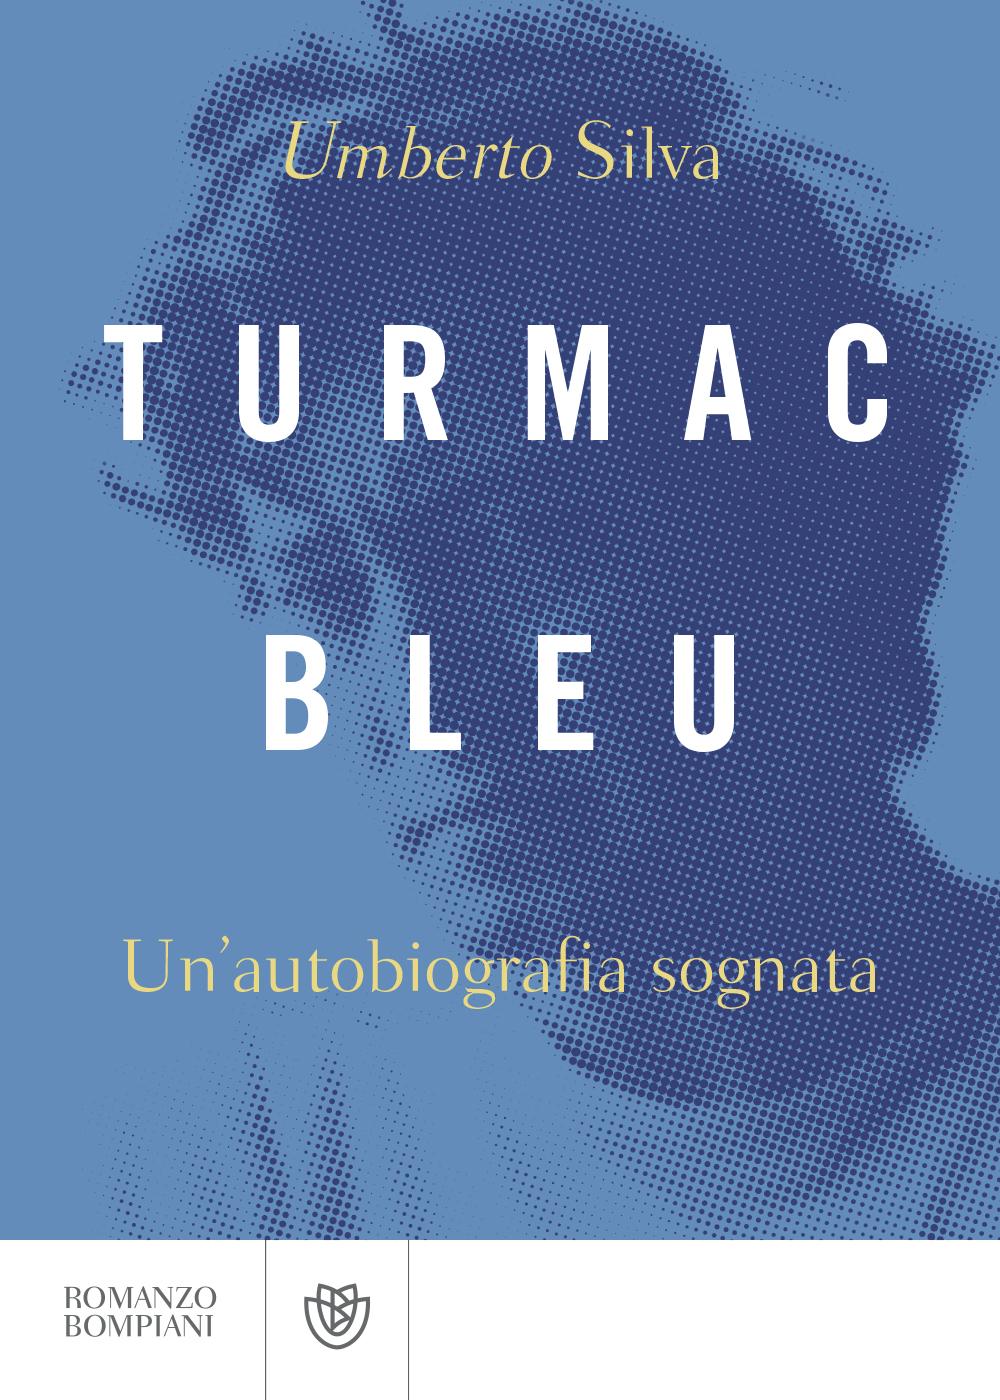 Turmac bleu